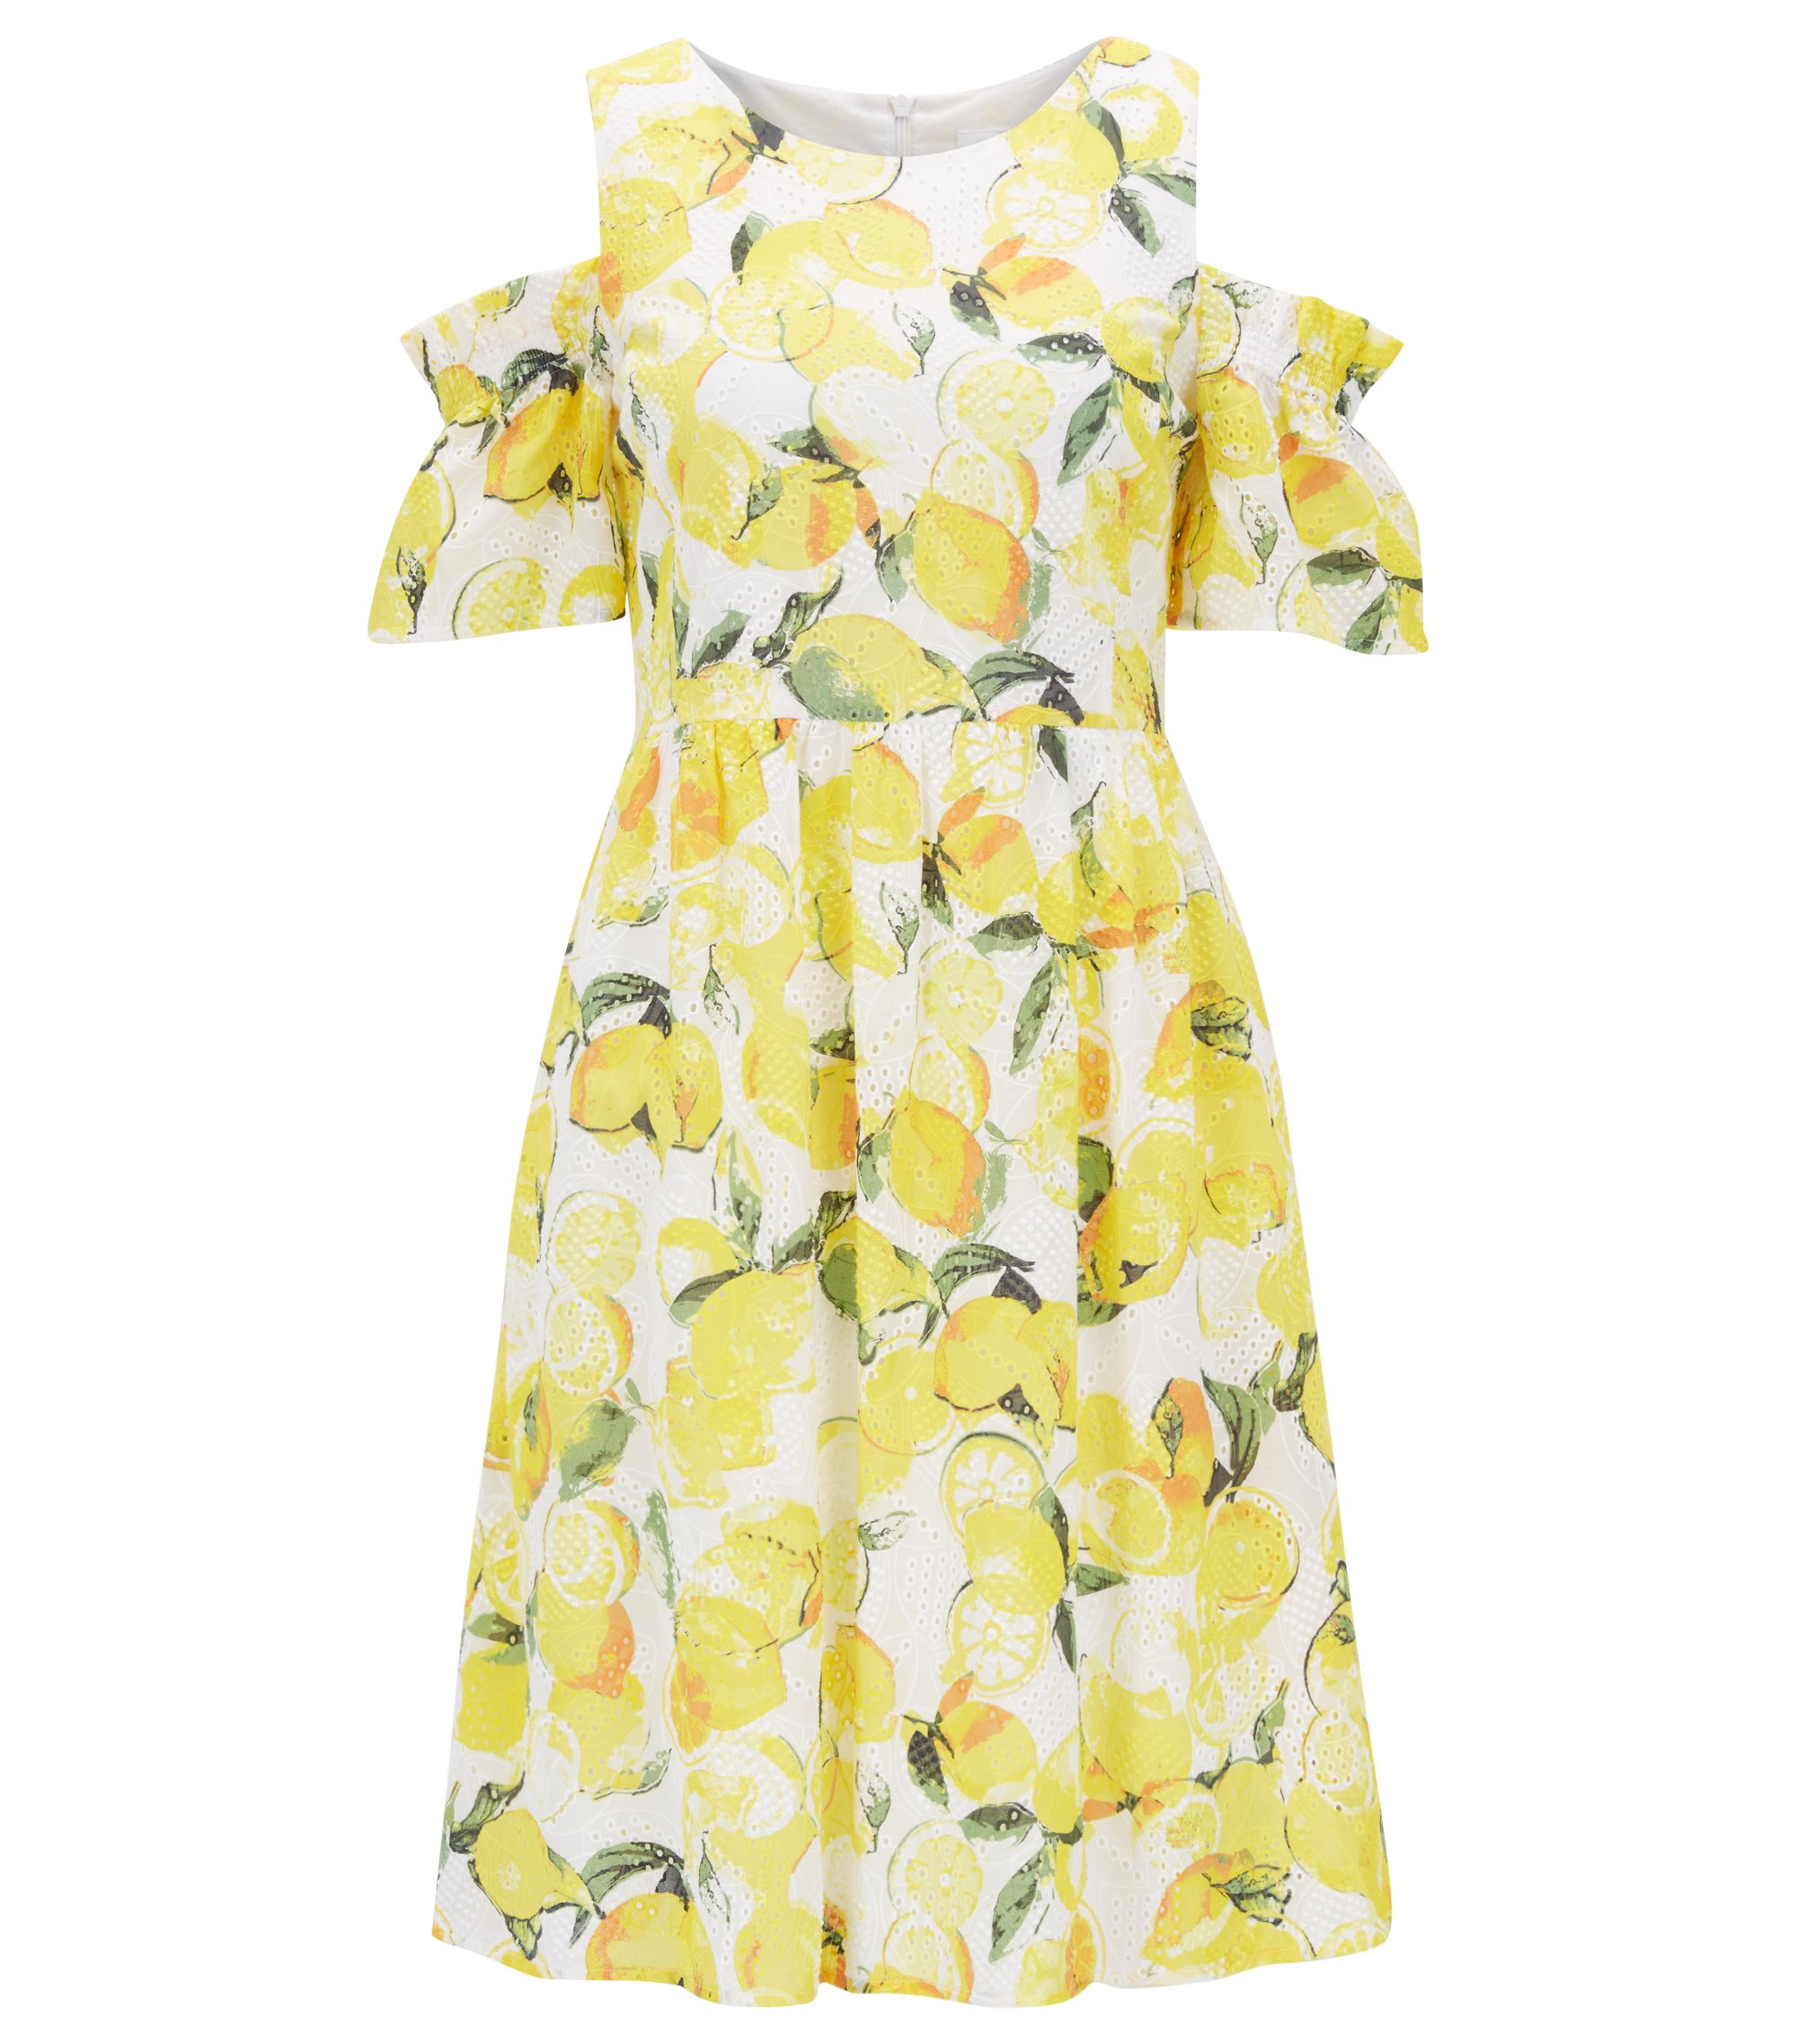 Baumwoll-Kleid mit Lochstickerei und Zitronen-Print, Gemustert